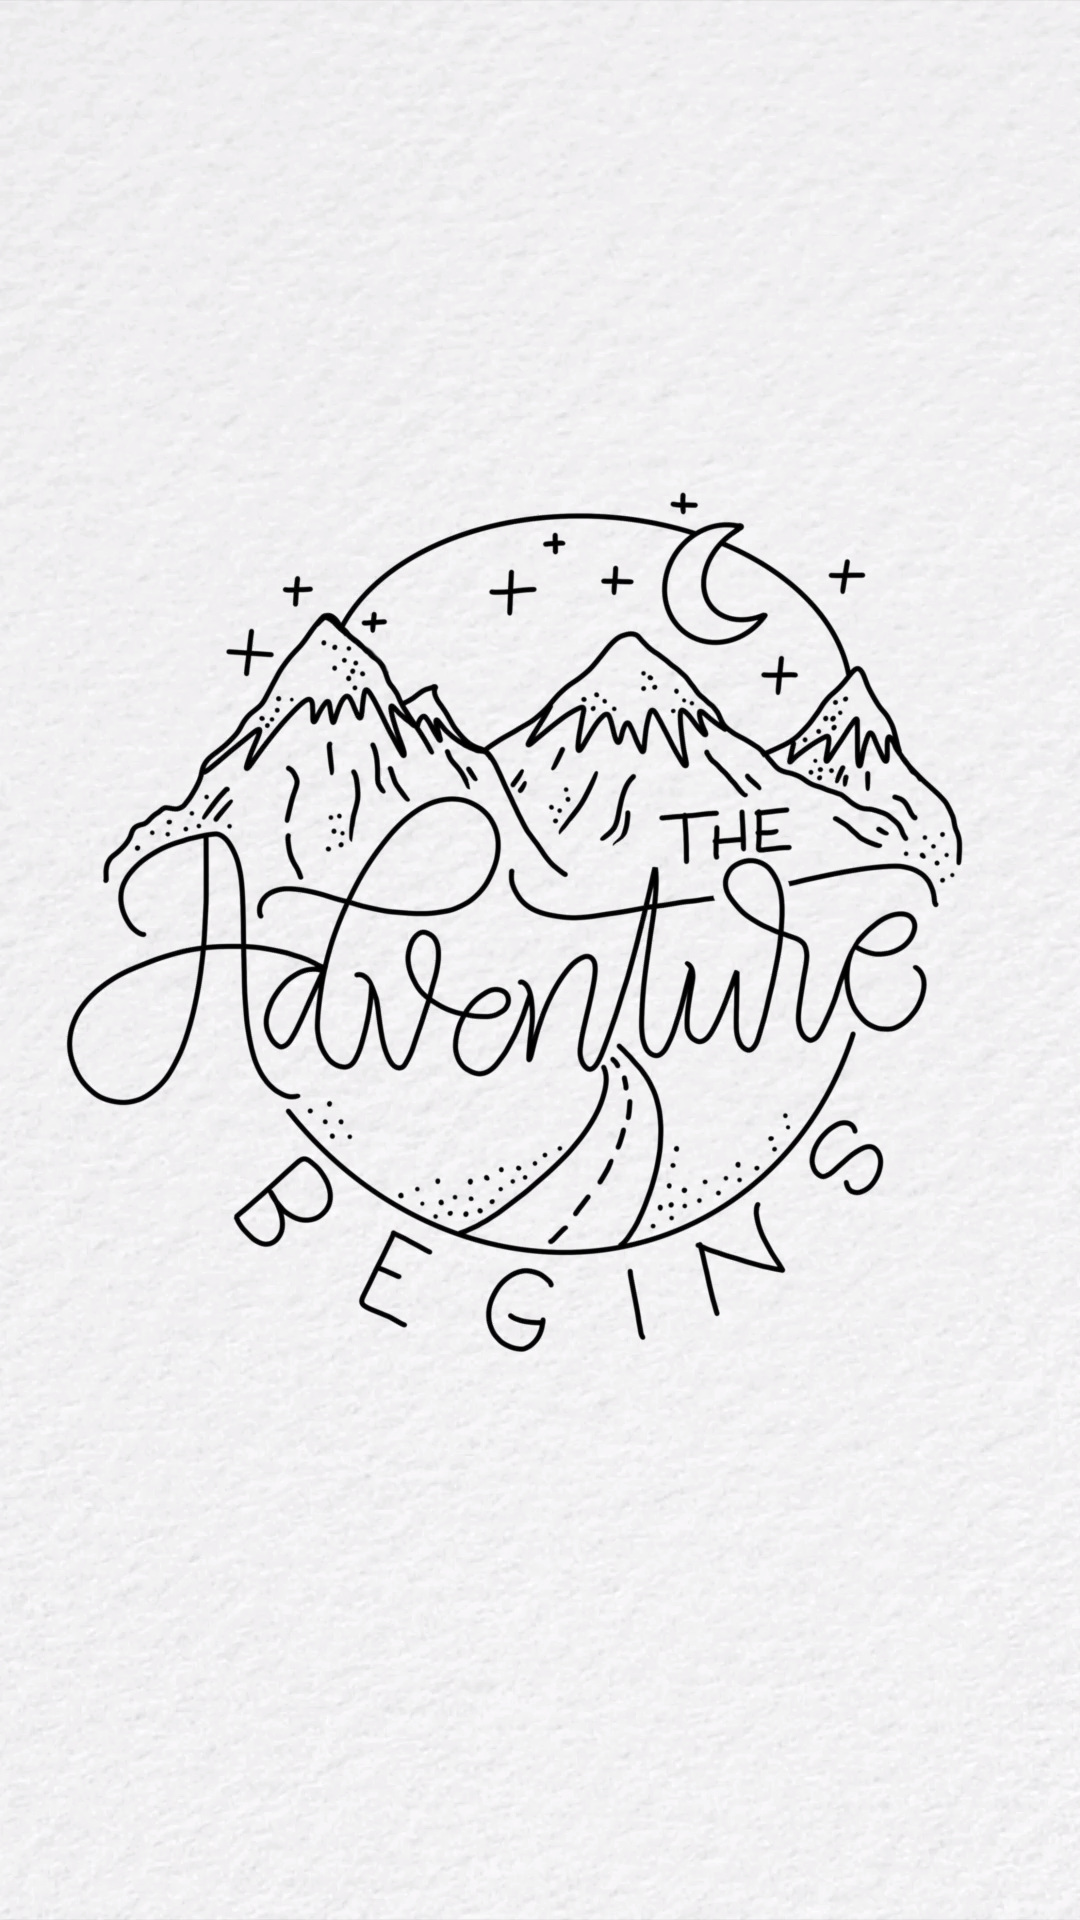 The adventure begins – iPad writing on Procreate